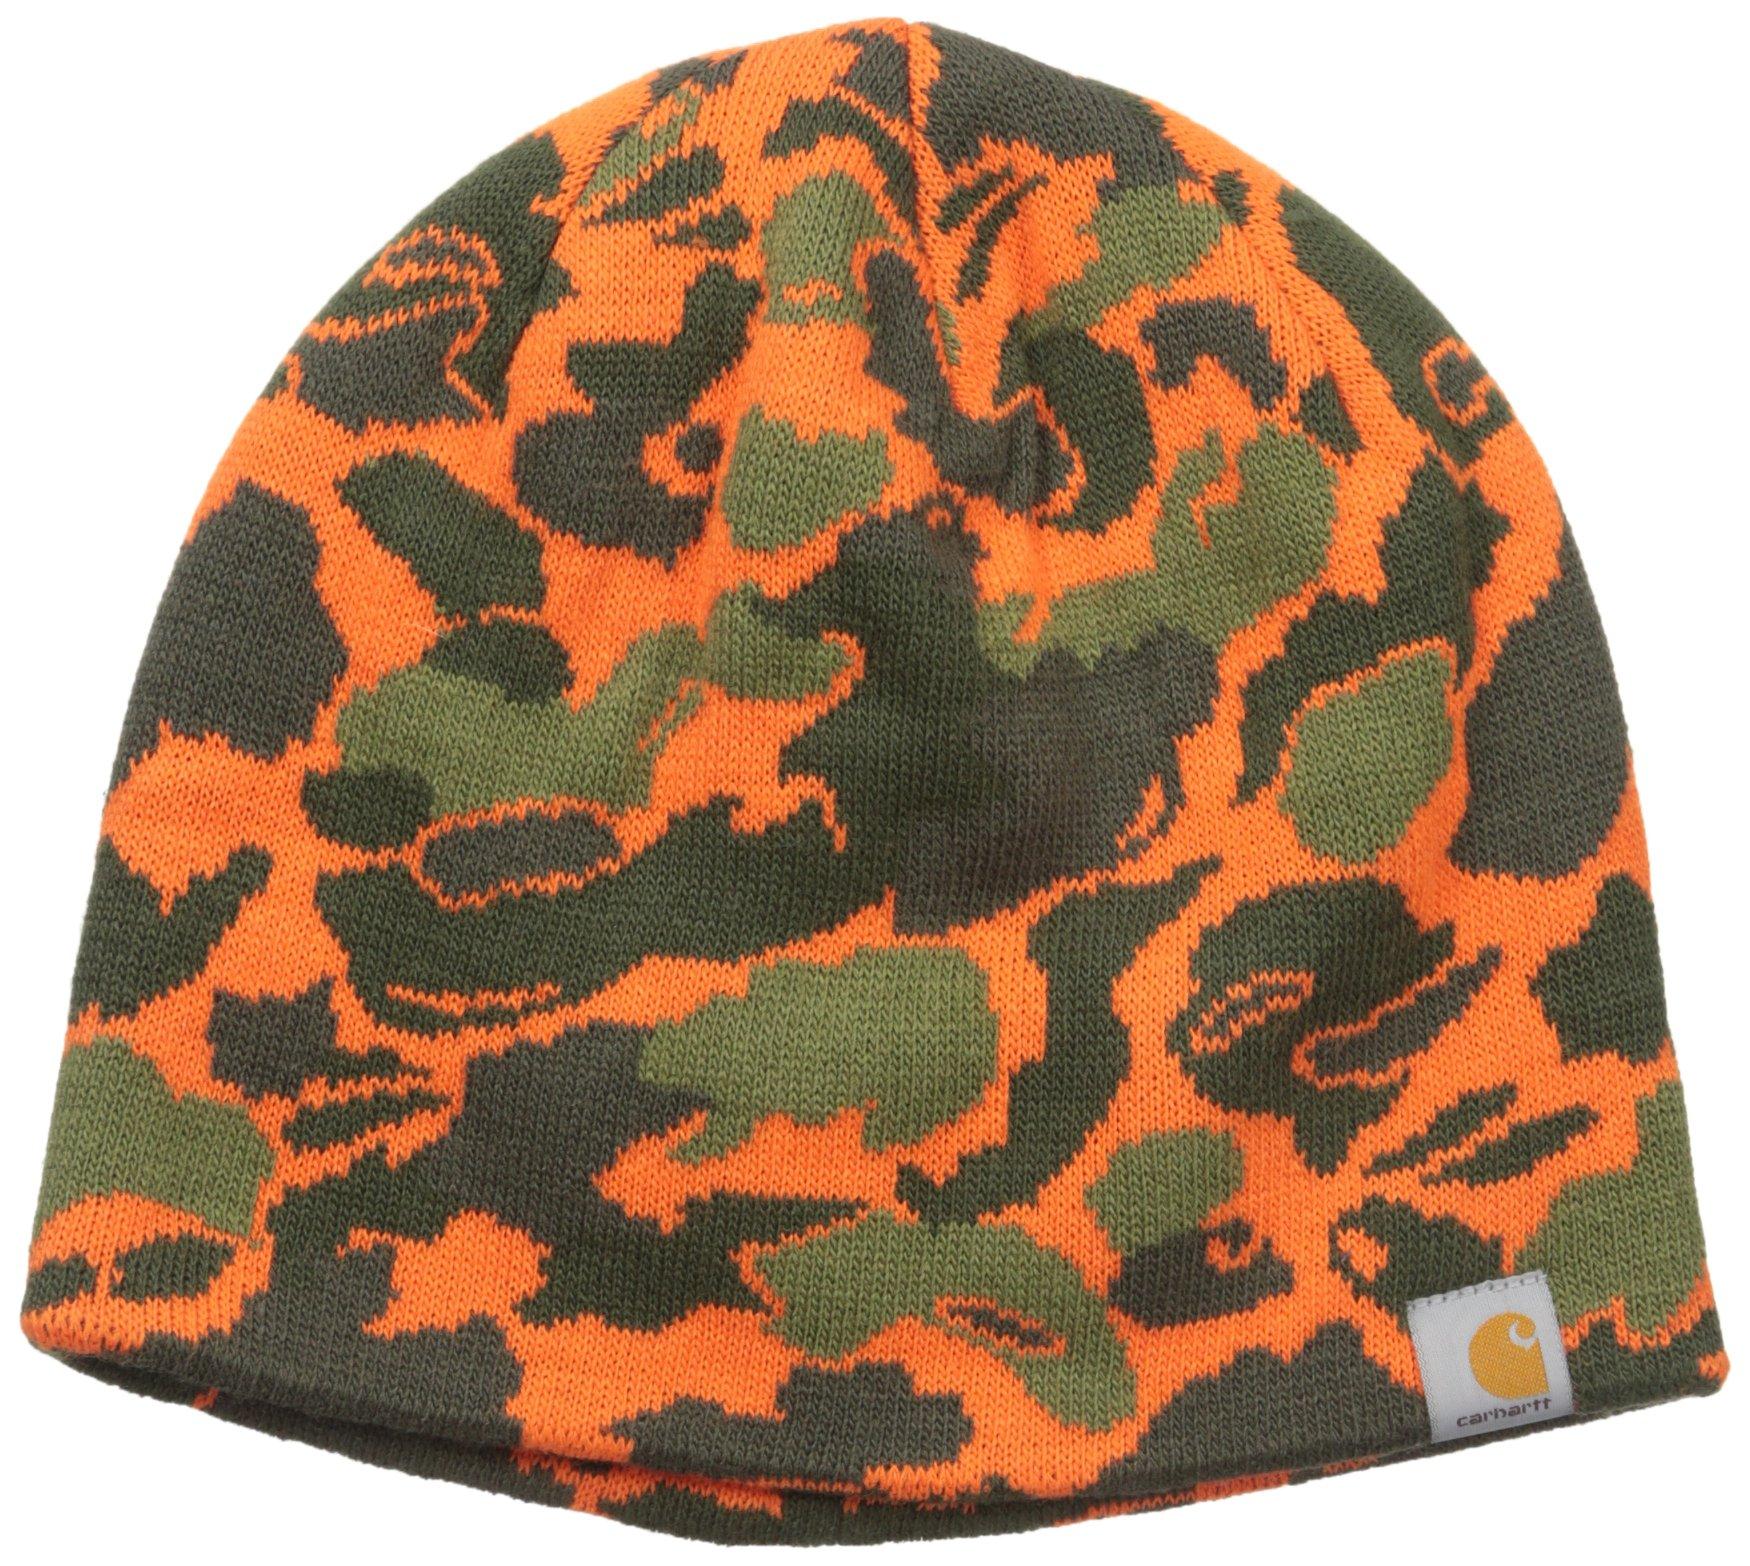 Carhartt Men's Montgomery Reversible Hat, Blaze Duck Camo, One Size